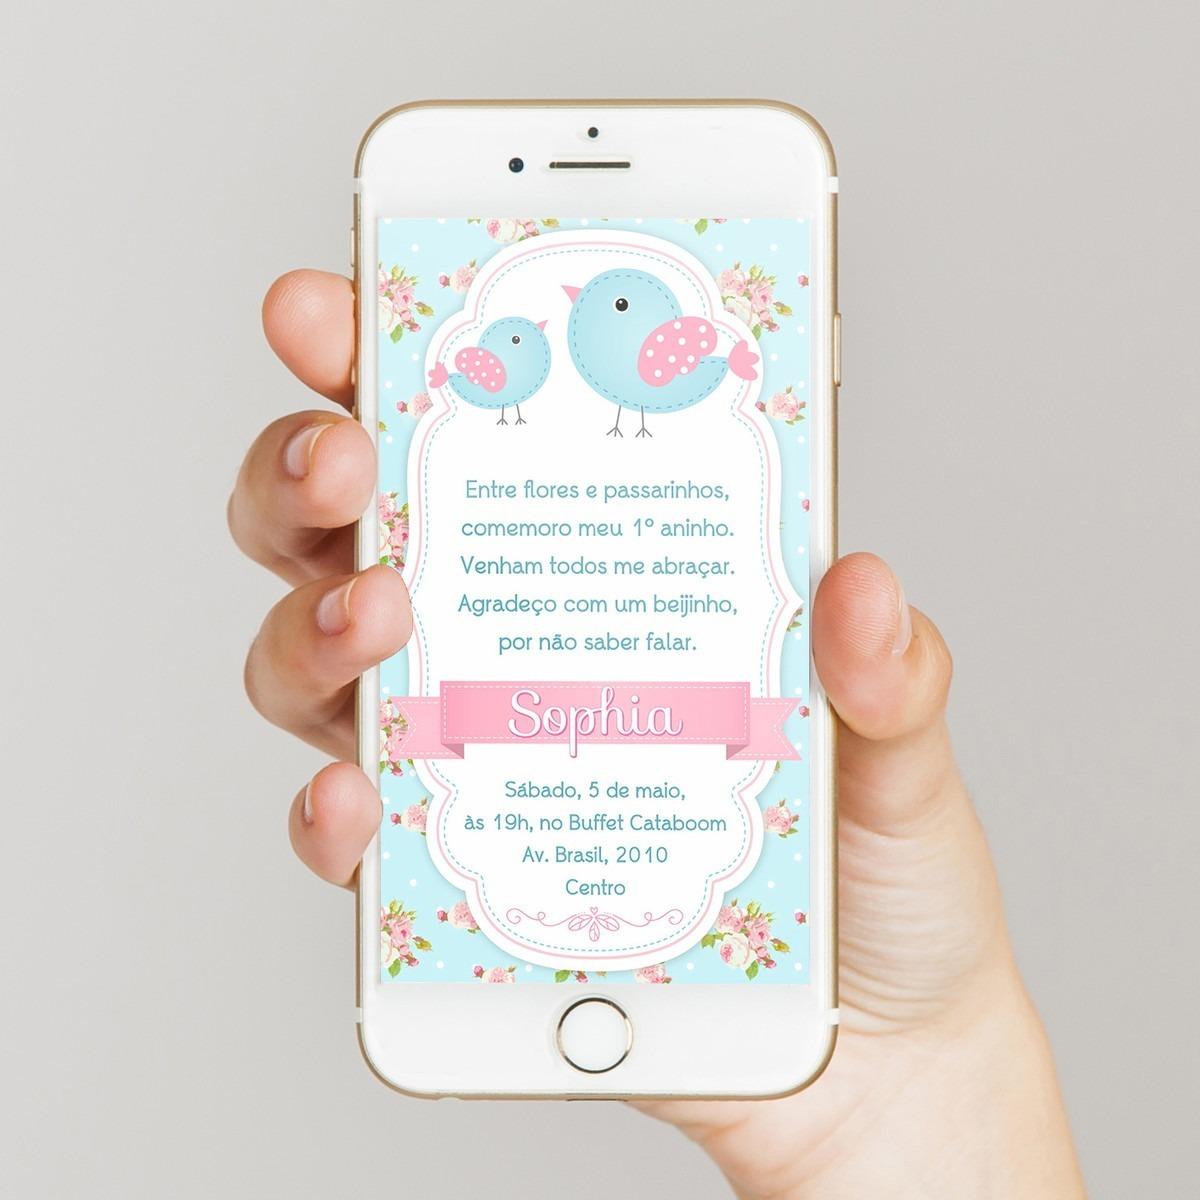 Convite Digital Passarinho Virtual Imprimir Whatsapp R 29 00 Em